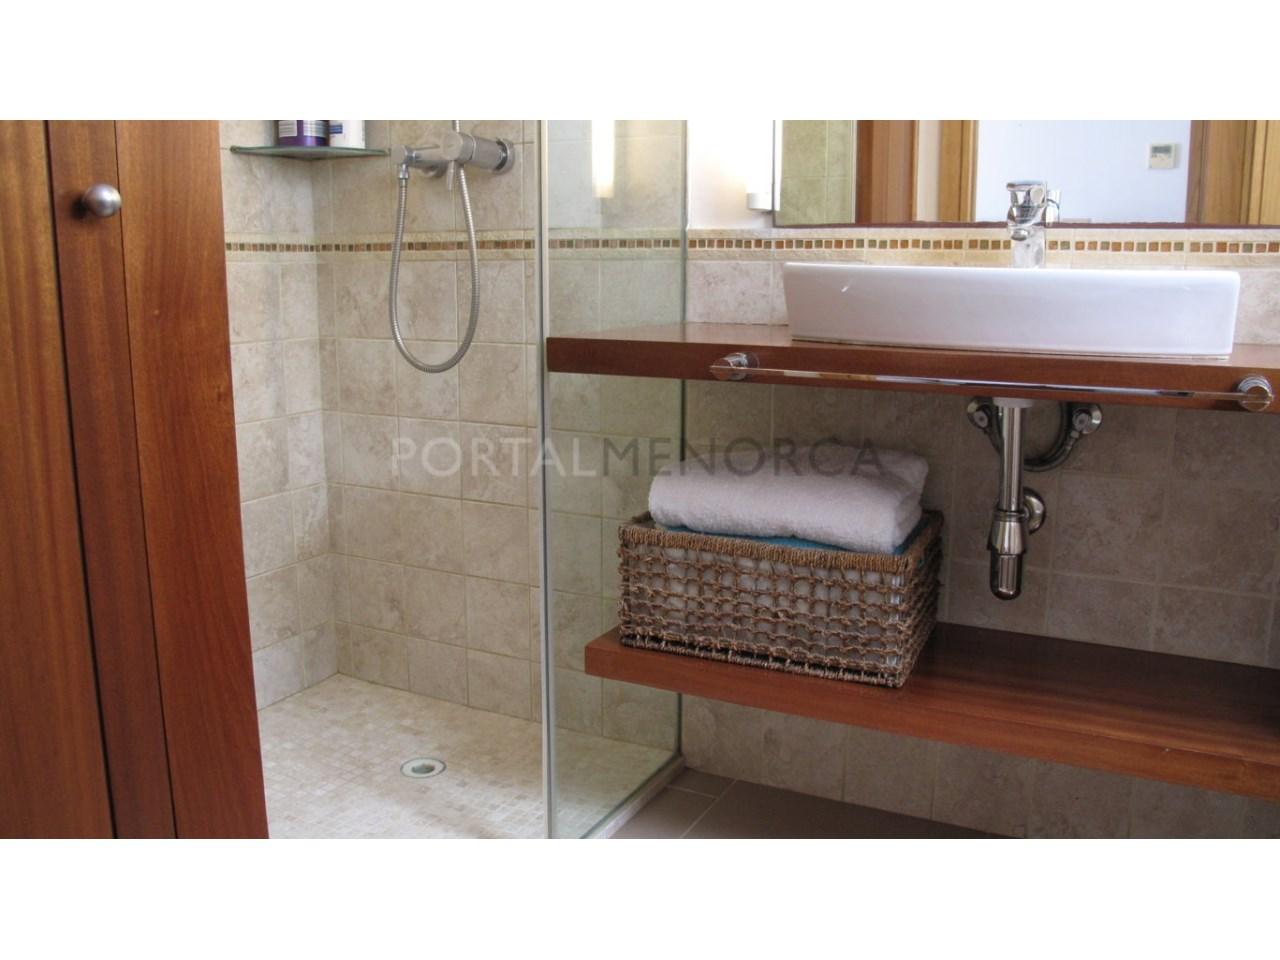 Apartment for sale in Ciutadella de Menorca-Bathroom